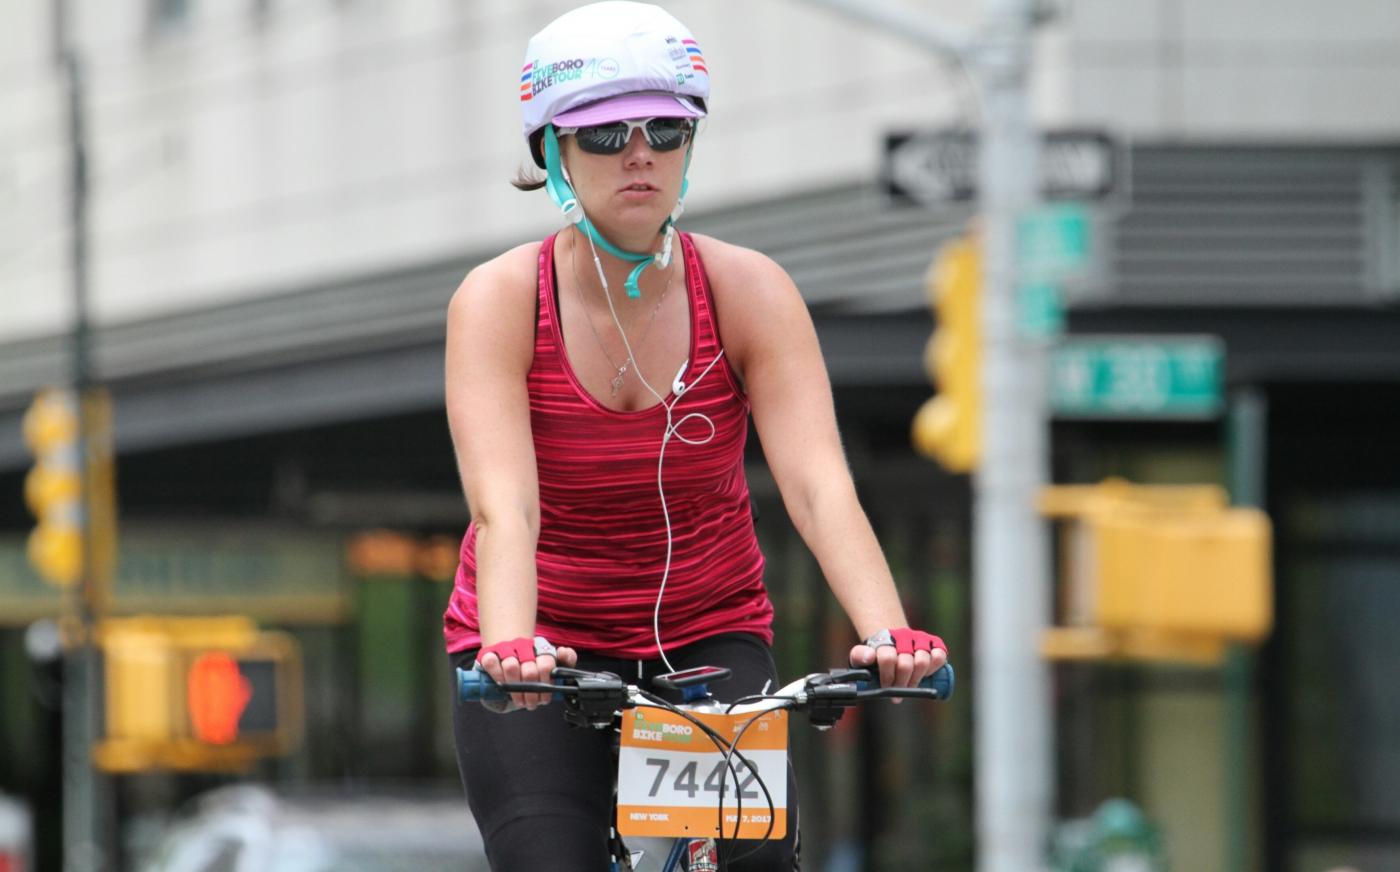 【田螺随拍】今天纽约单车马拉松_图1-28